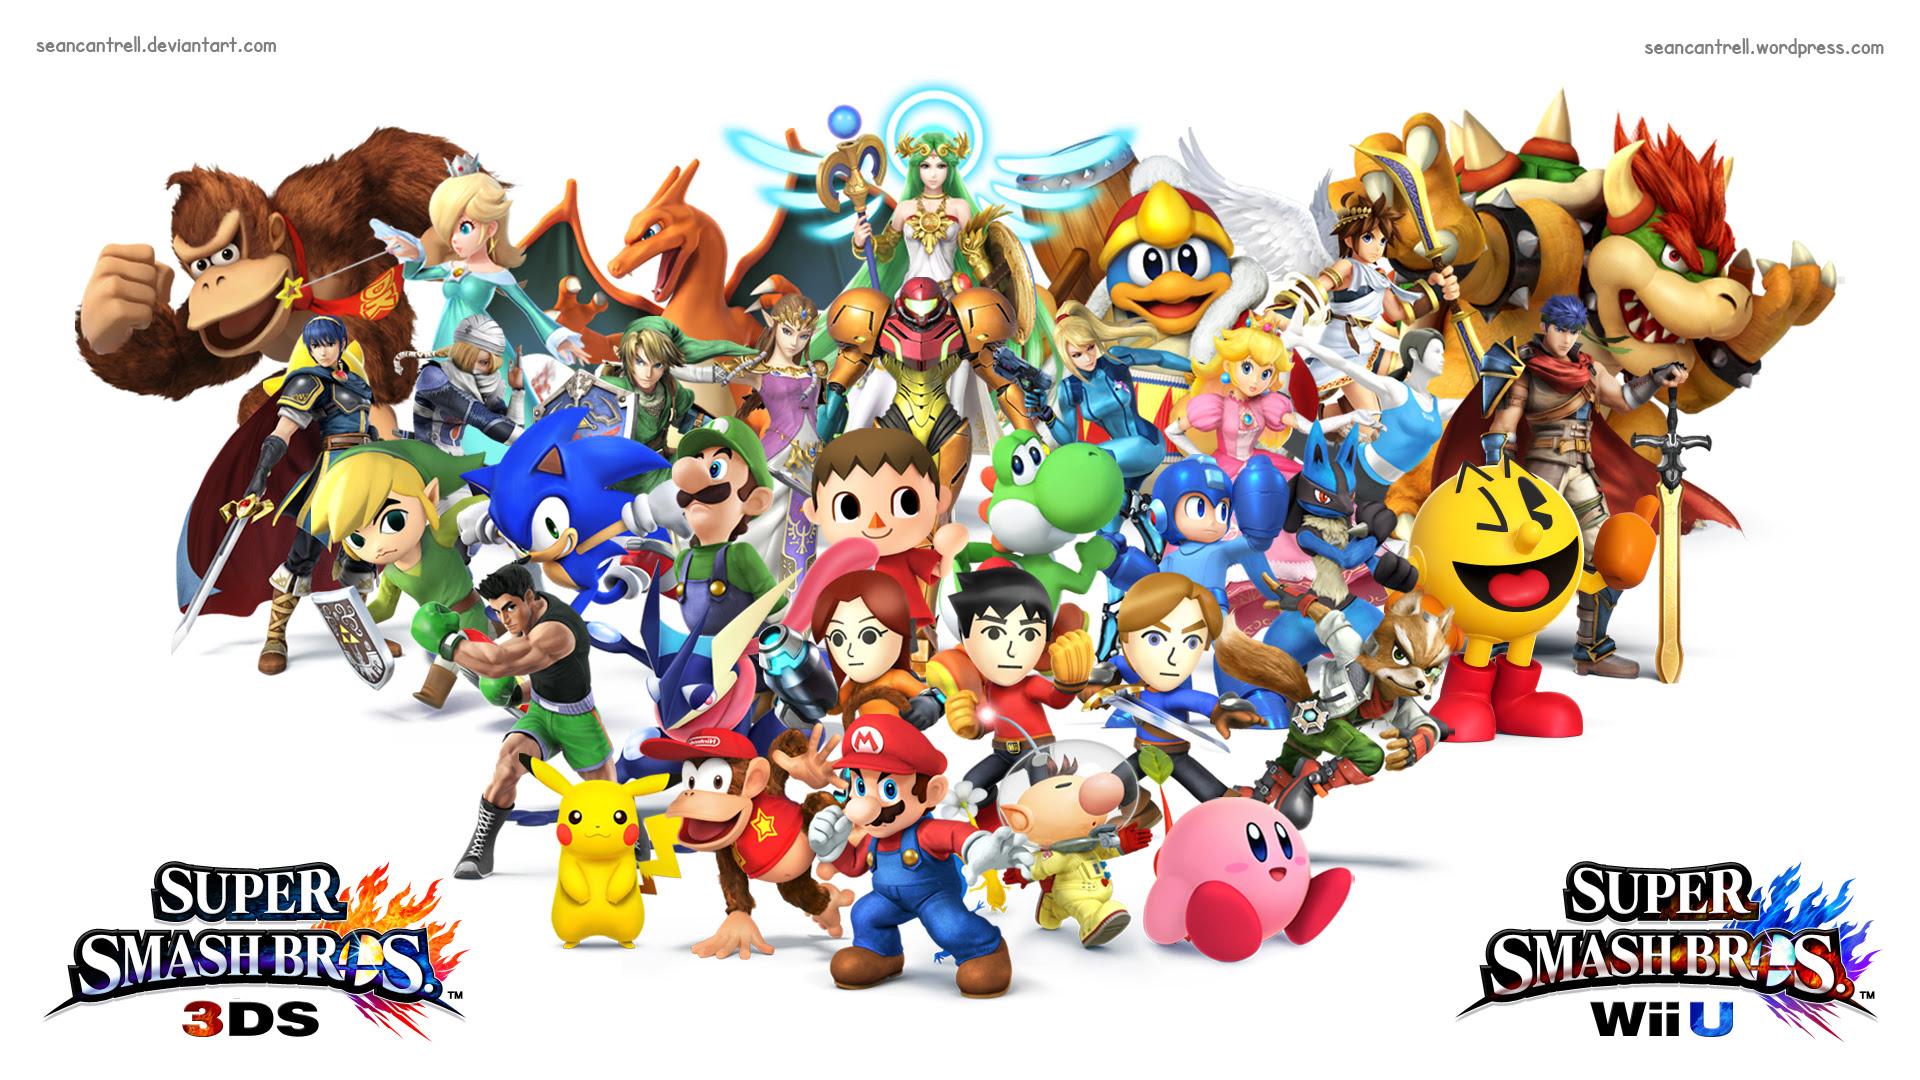 Super Smash Bros Wallpaper 1920x1080 79122